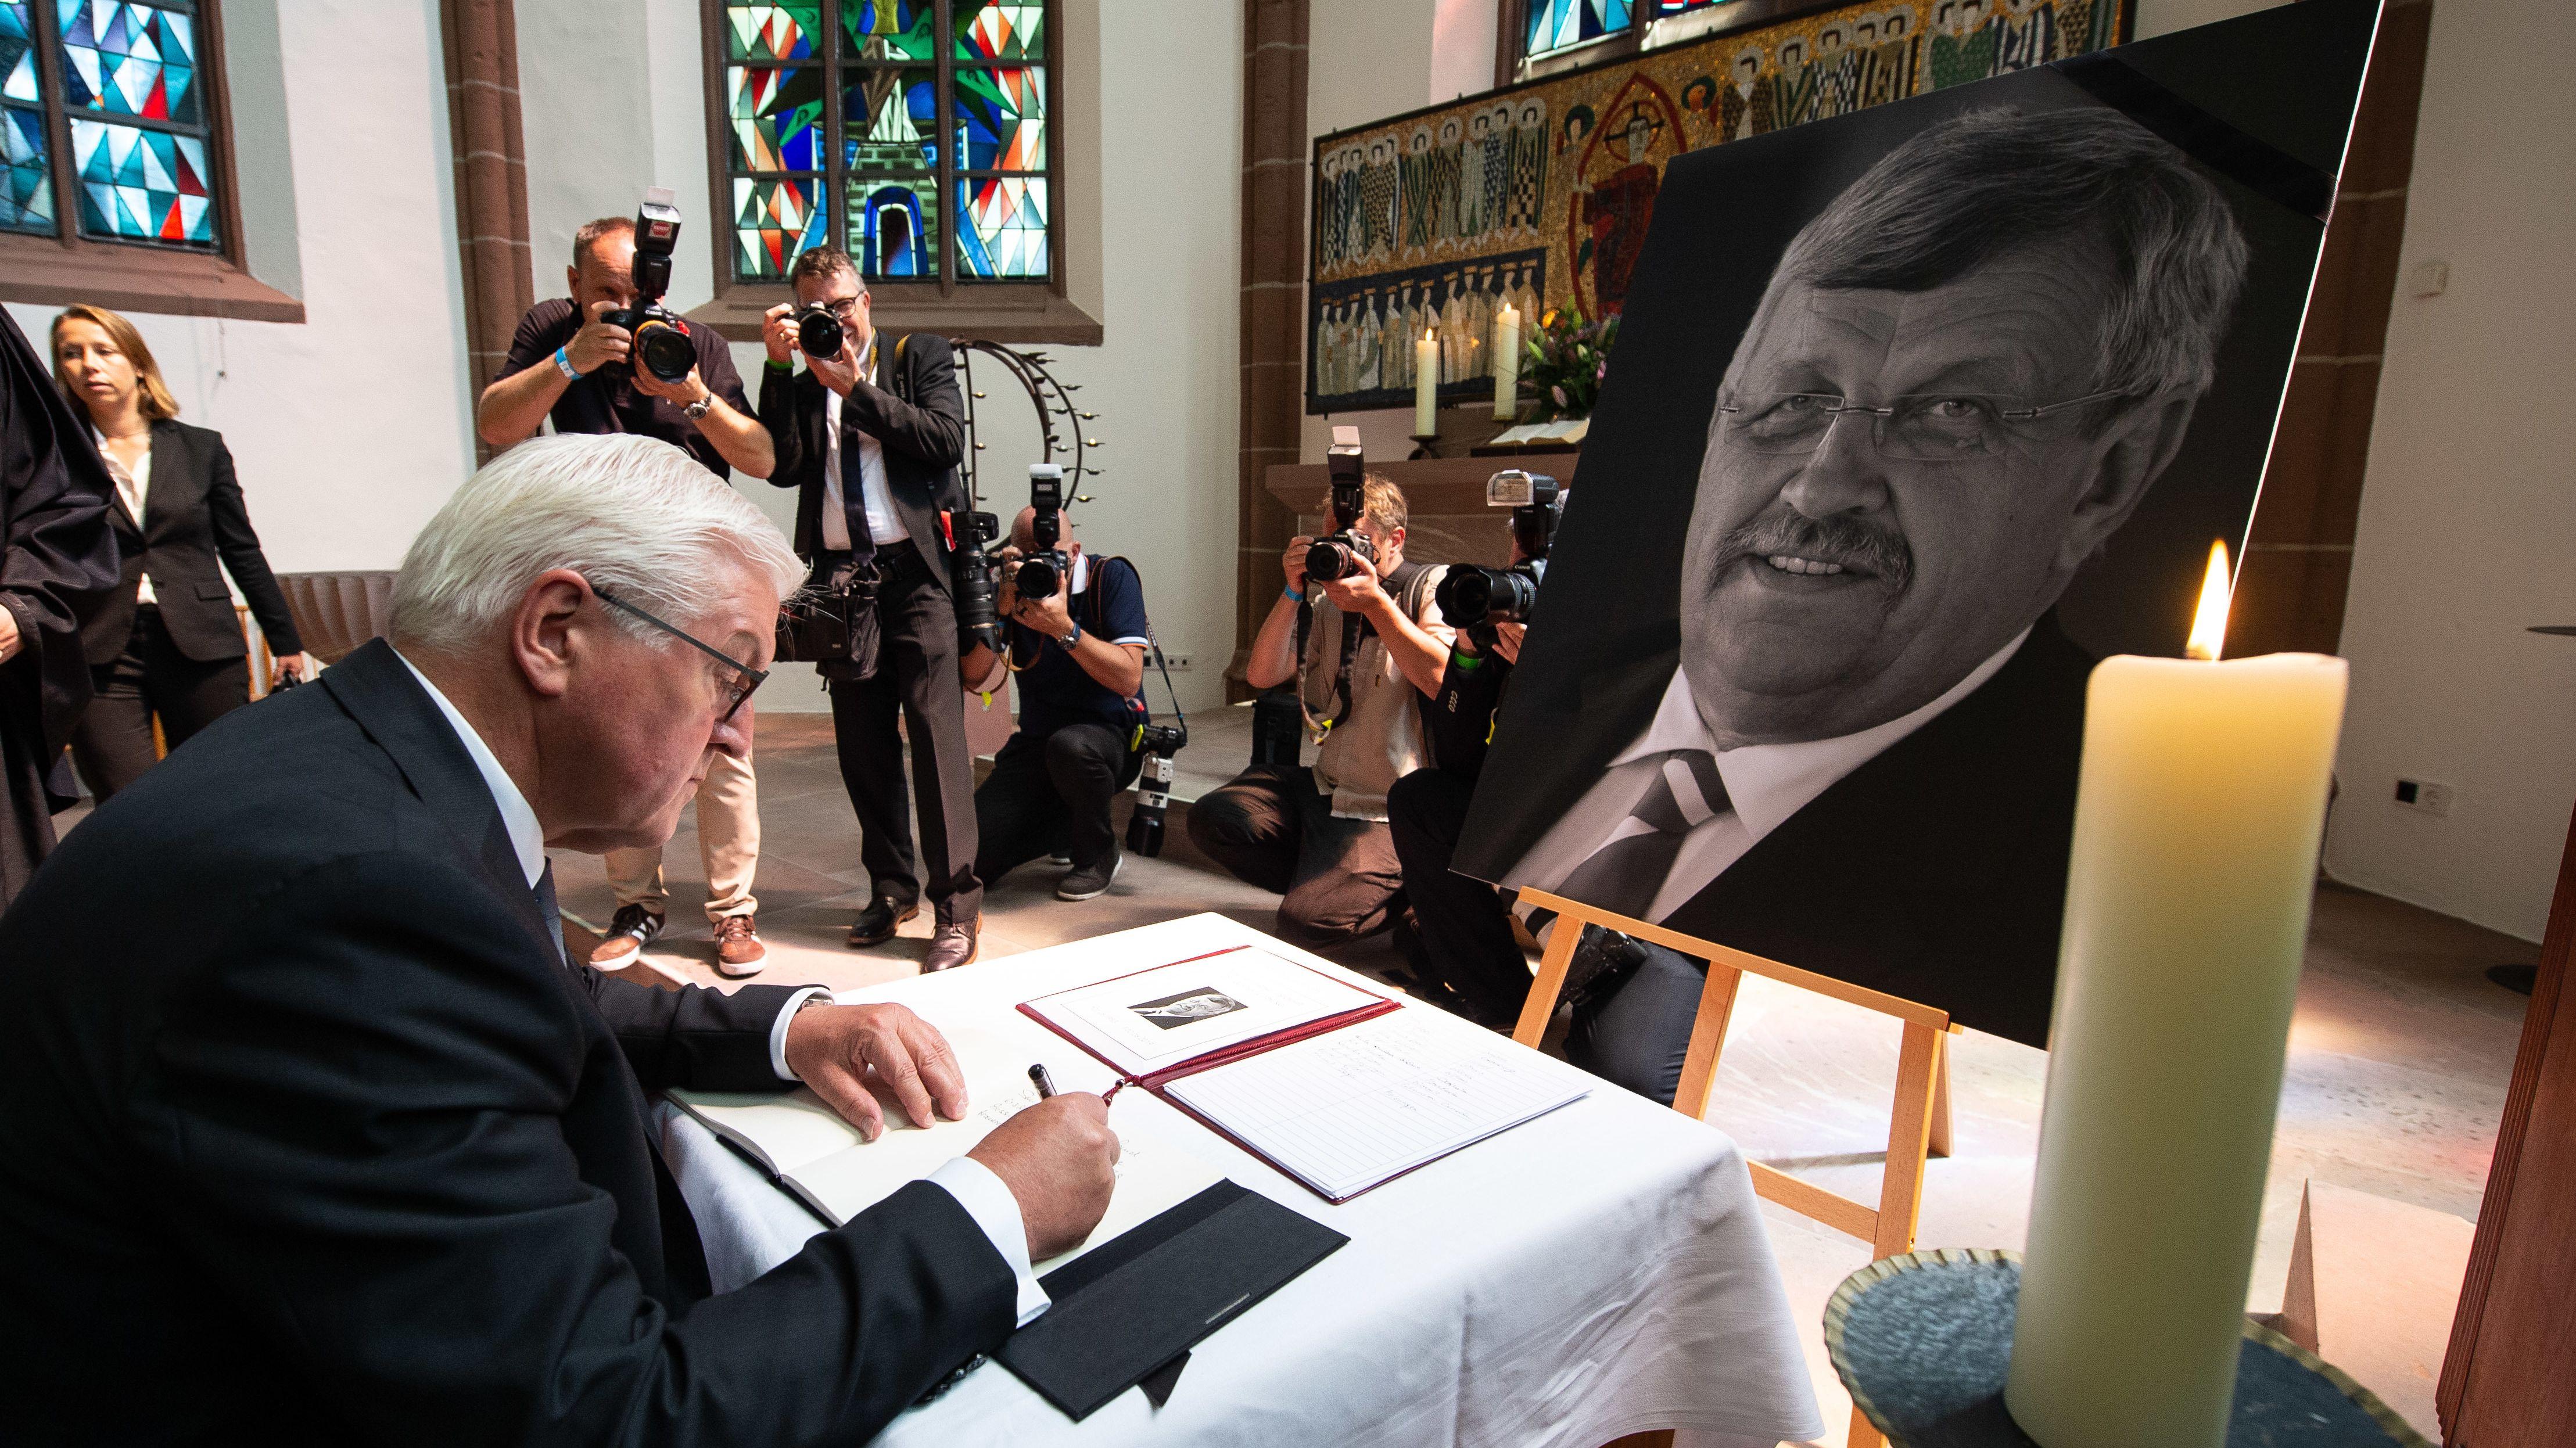 Bundespräsident Frank-Walter Steinmeier trägt sich in das Kondolenzbuch für den ehem. Kasseler Regierungspräsidenten Walter Lübcke ein